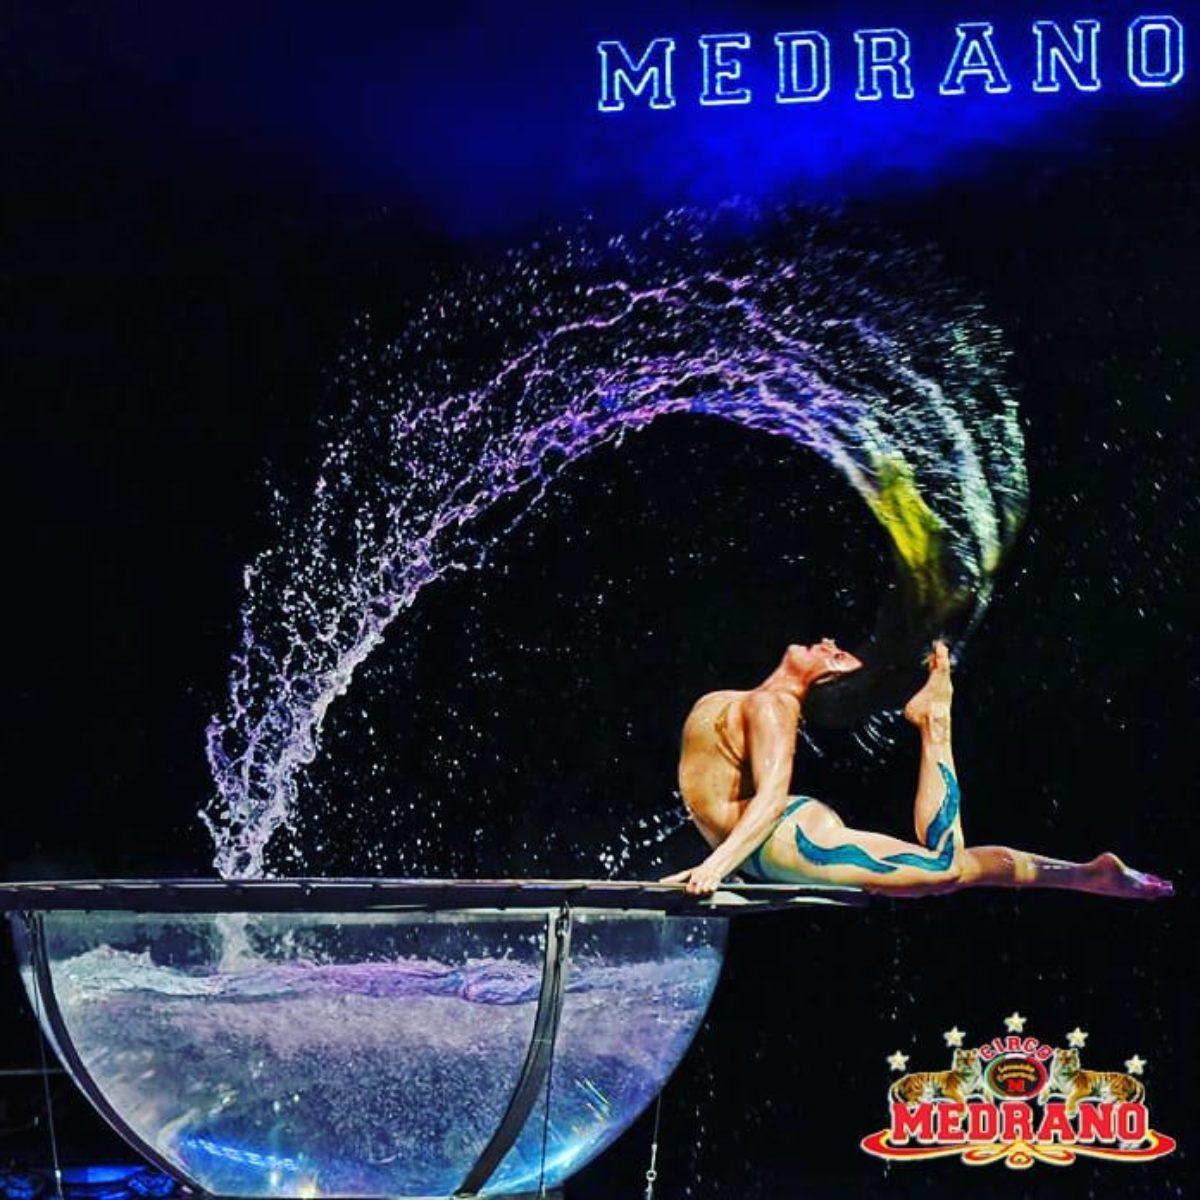 Το διάσημο Ιταλικό CIRCO MEDRANO ΣΥΝΕΧΙΖΕΙ με μεγάλη επιτυχία τις παραστάσεις του στο Παλαιό Φάληρο ΜΕΧΡΙ ΤΗΝ ΚΥΡΙΑΚΗ 23 ΦΕΒΡΟΥΑΡΙΟΥ